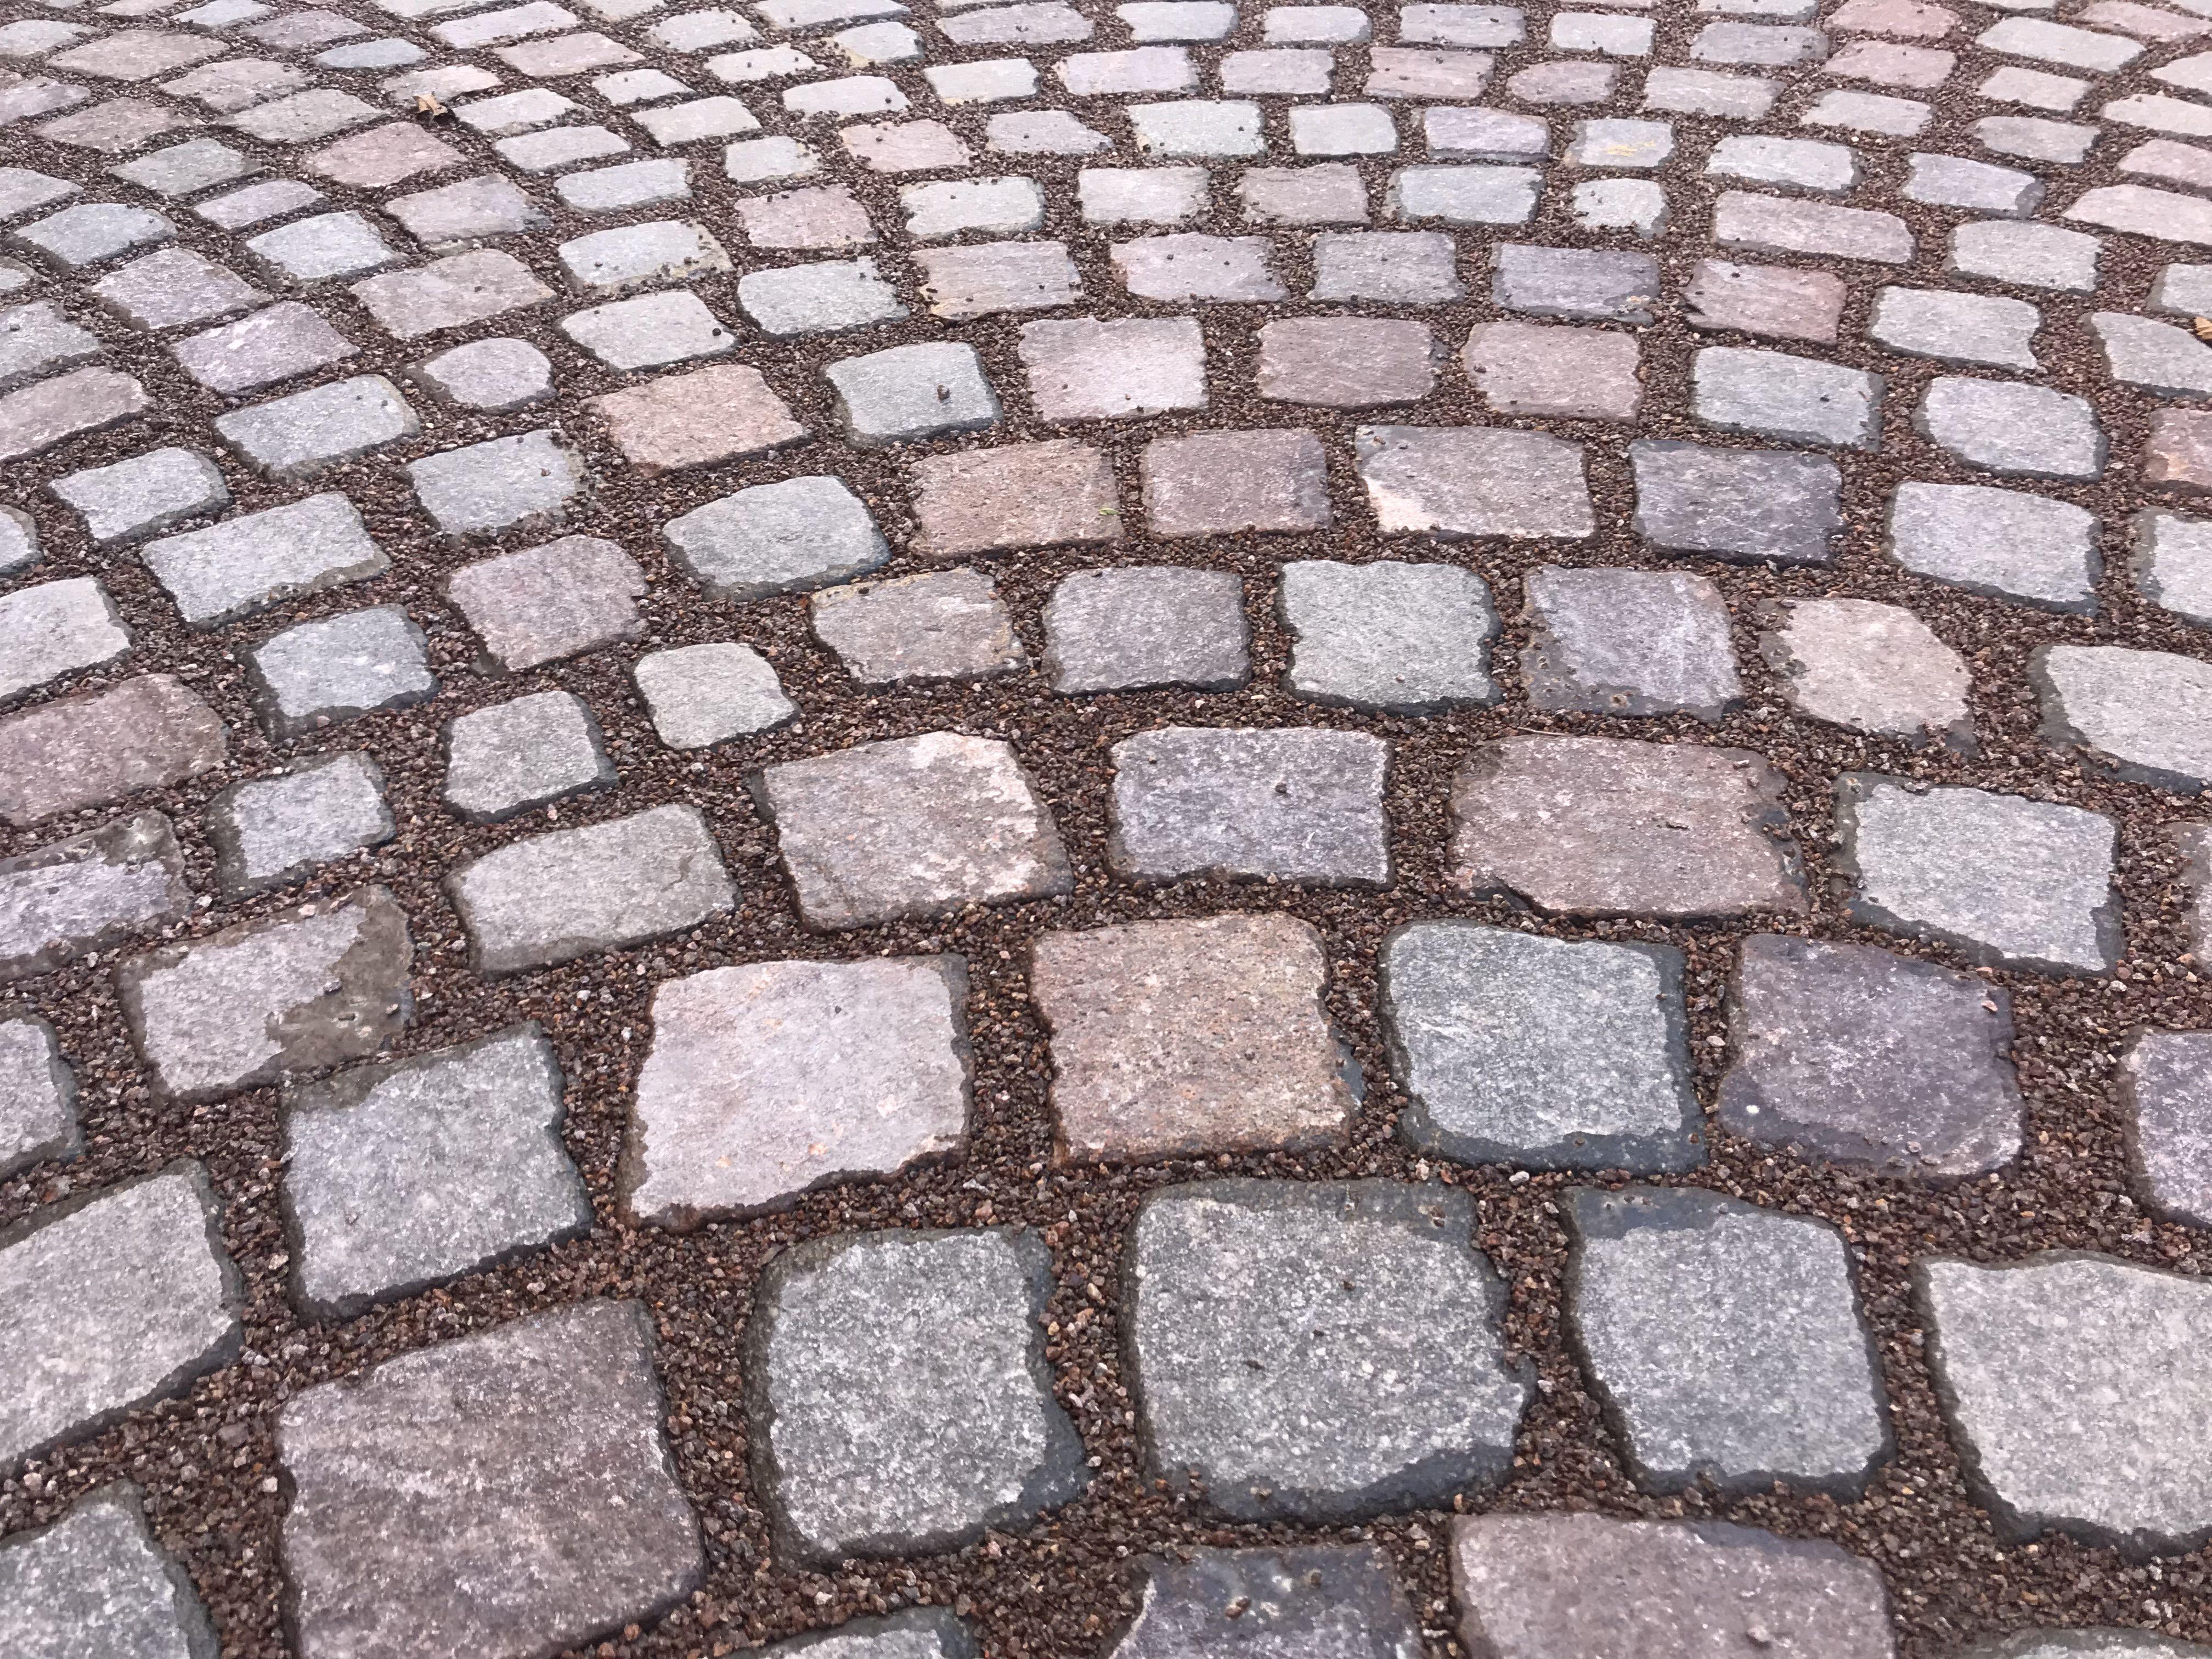 Pavimenti in resina sigillatura dei cubetti in porfido mediante l utilizzo di resina - Vialetti giardino in porfido ...